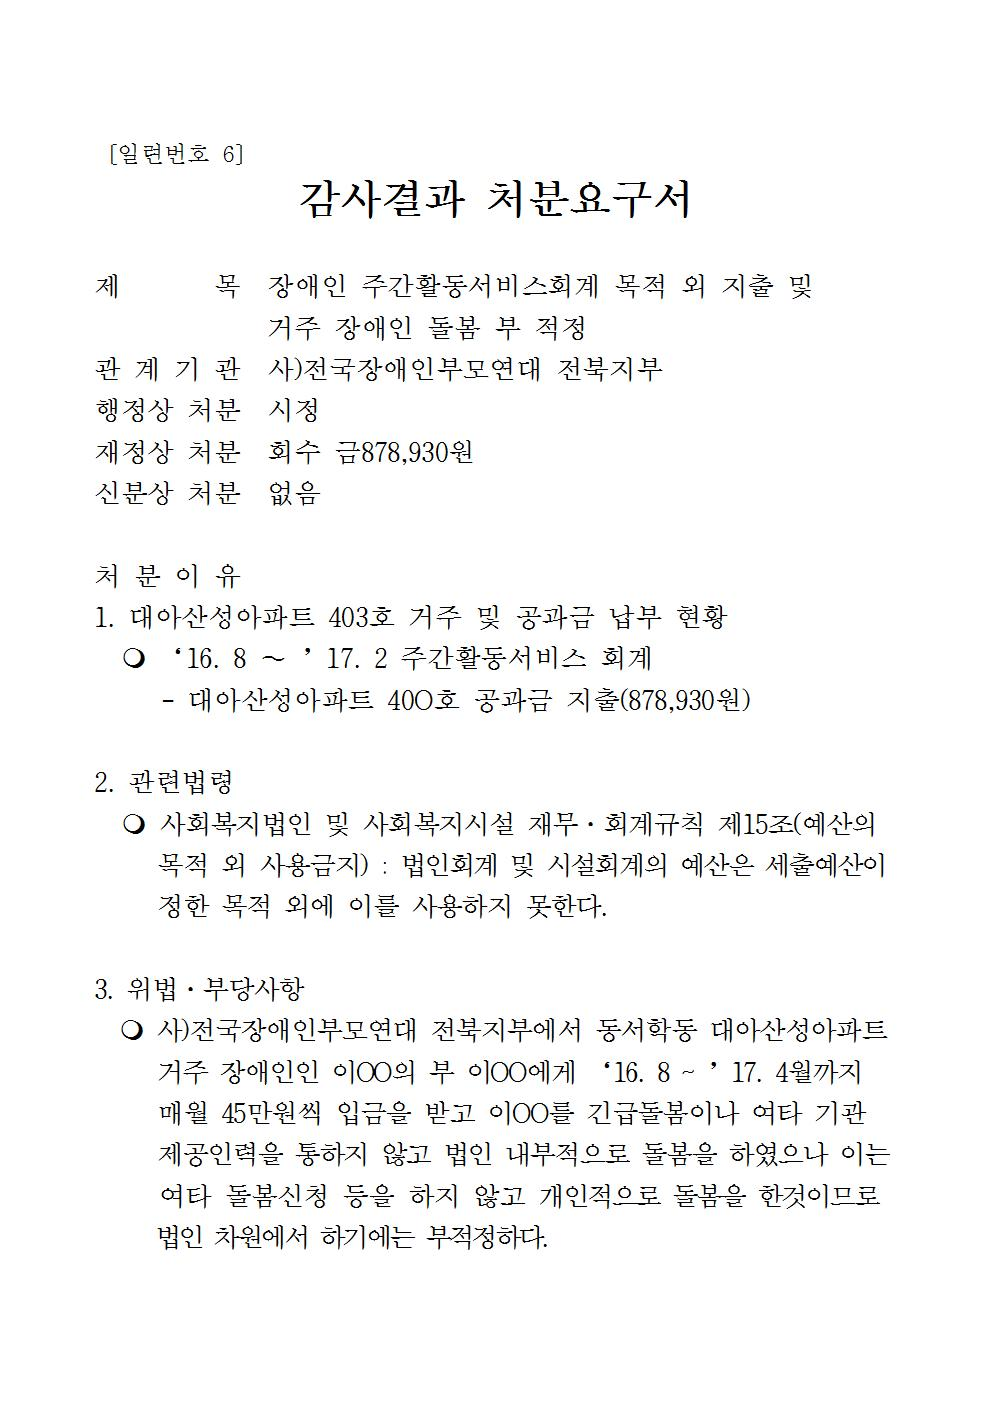 붙임) 처분요구서_전주시 생활복지과-37898(2017.9.1)호(공개용)011.jpg